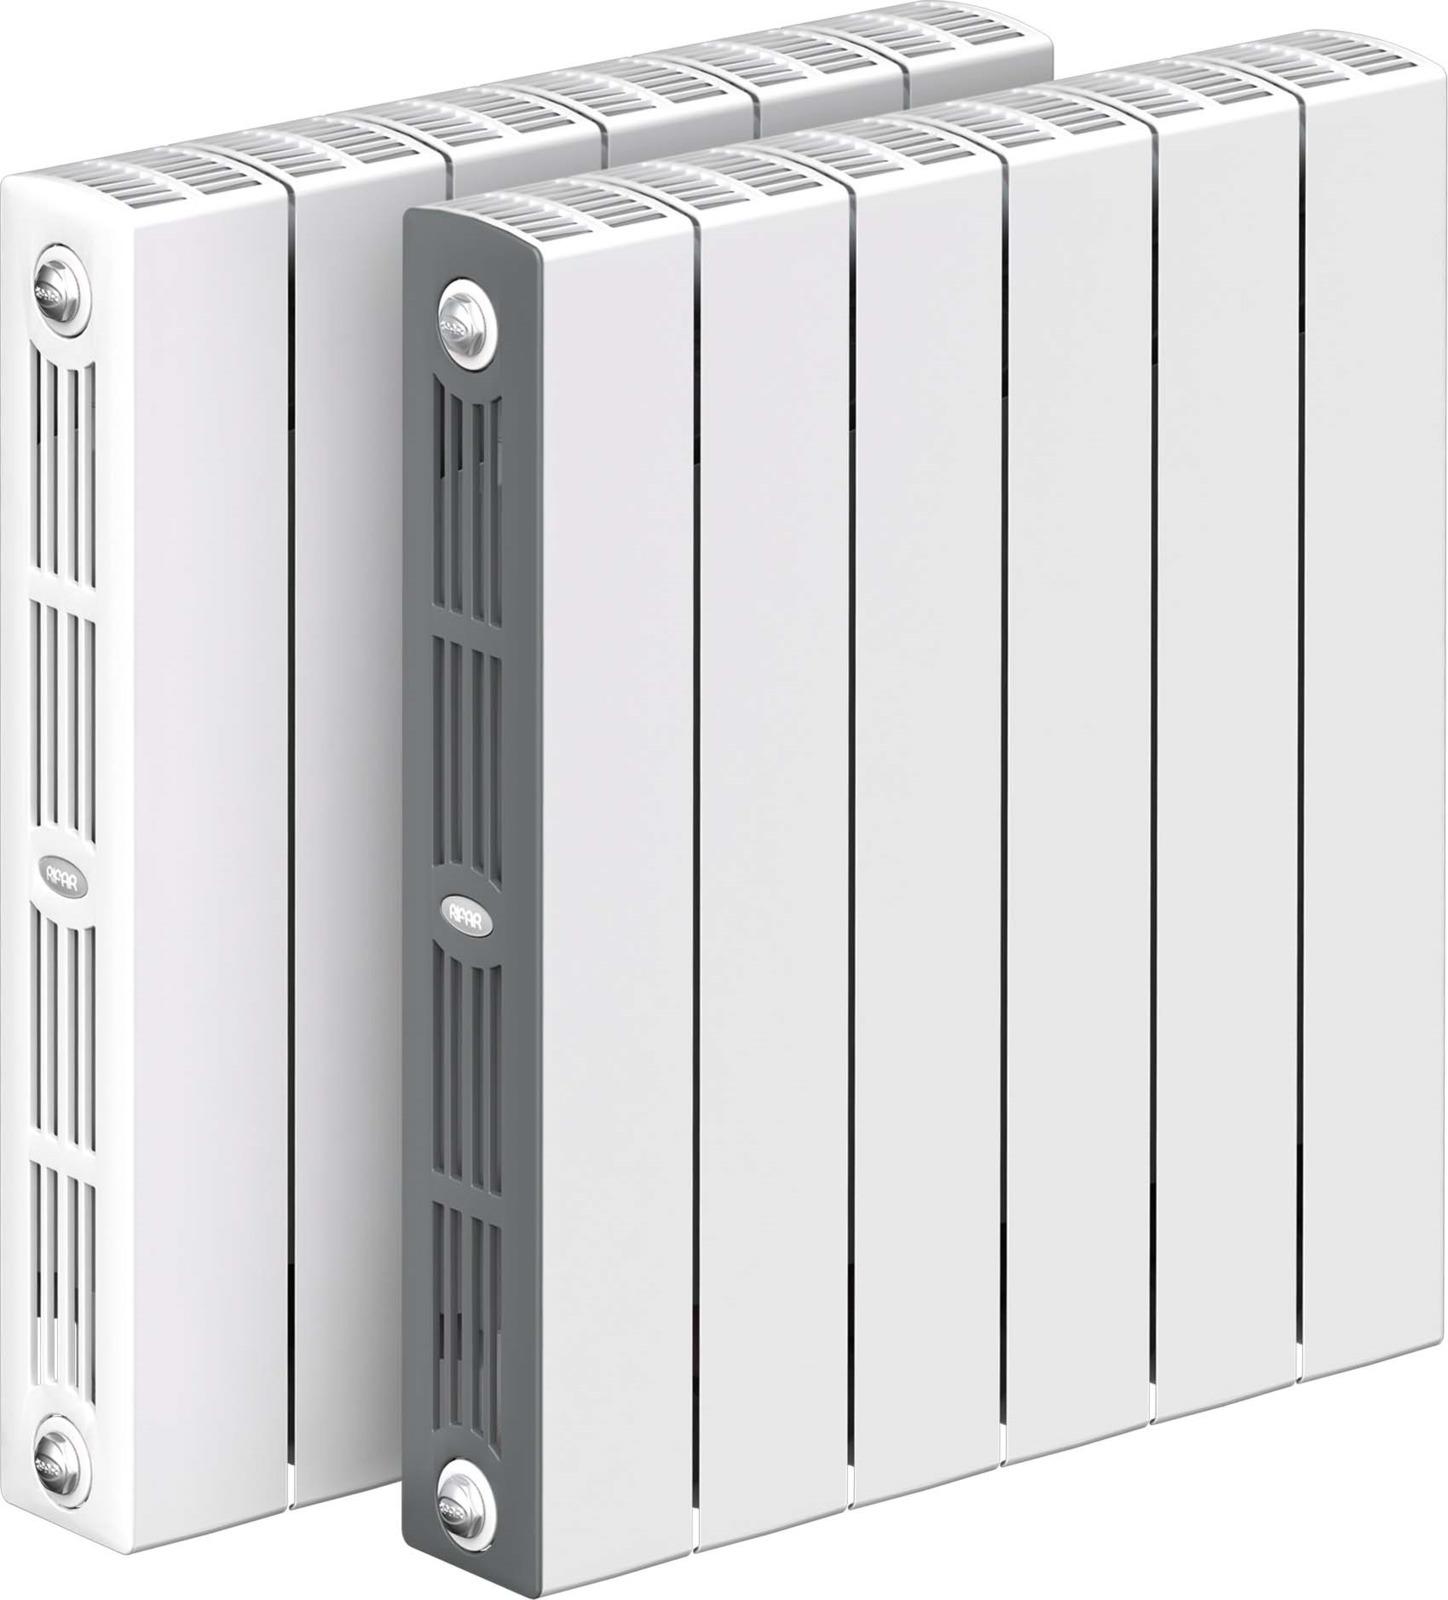 Секционный радиатор Rifar Supremo 350, биметаллический, RIFAR S 350-12, белый, 12 секций kermi profil v profil v ftv 22 500 2600 радиатор стальной панельный нижнее подключение белый ral 9016